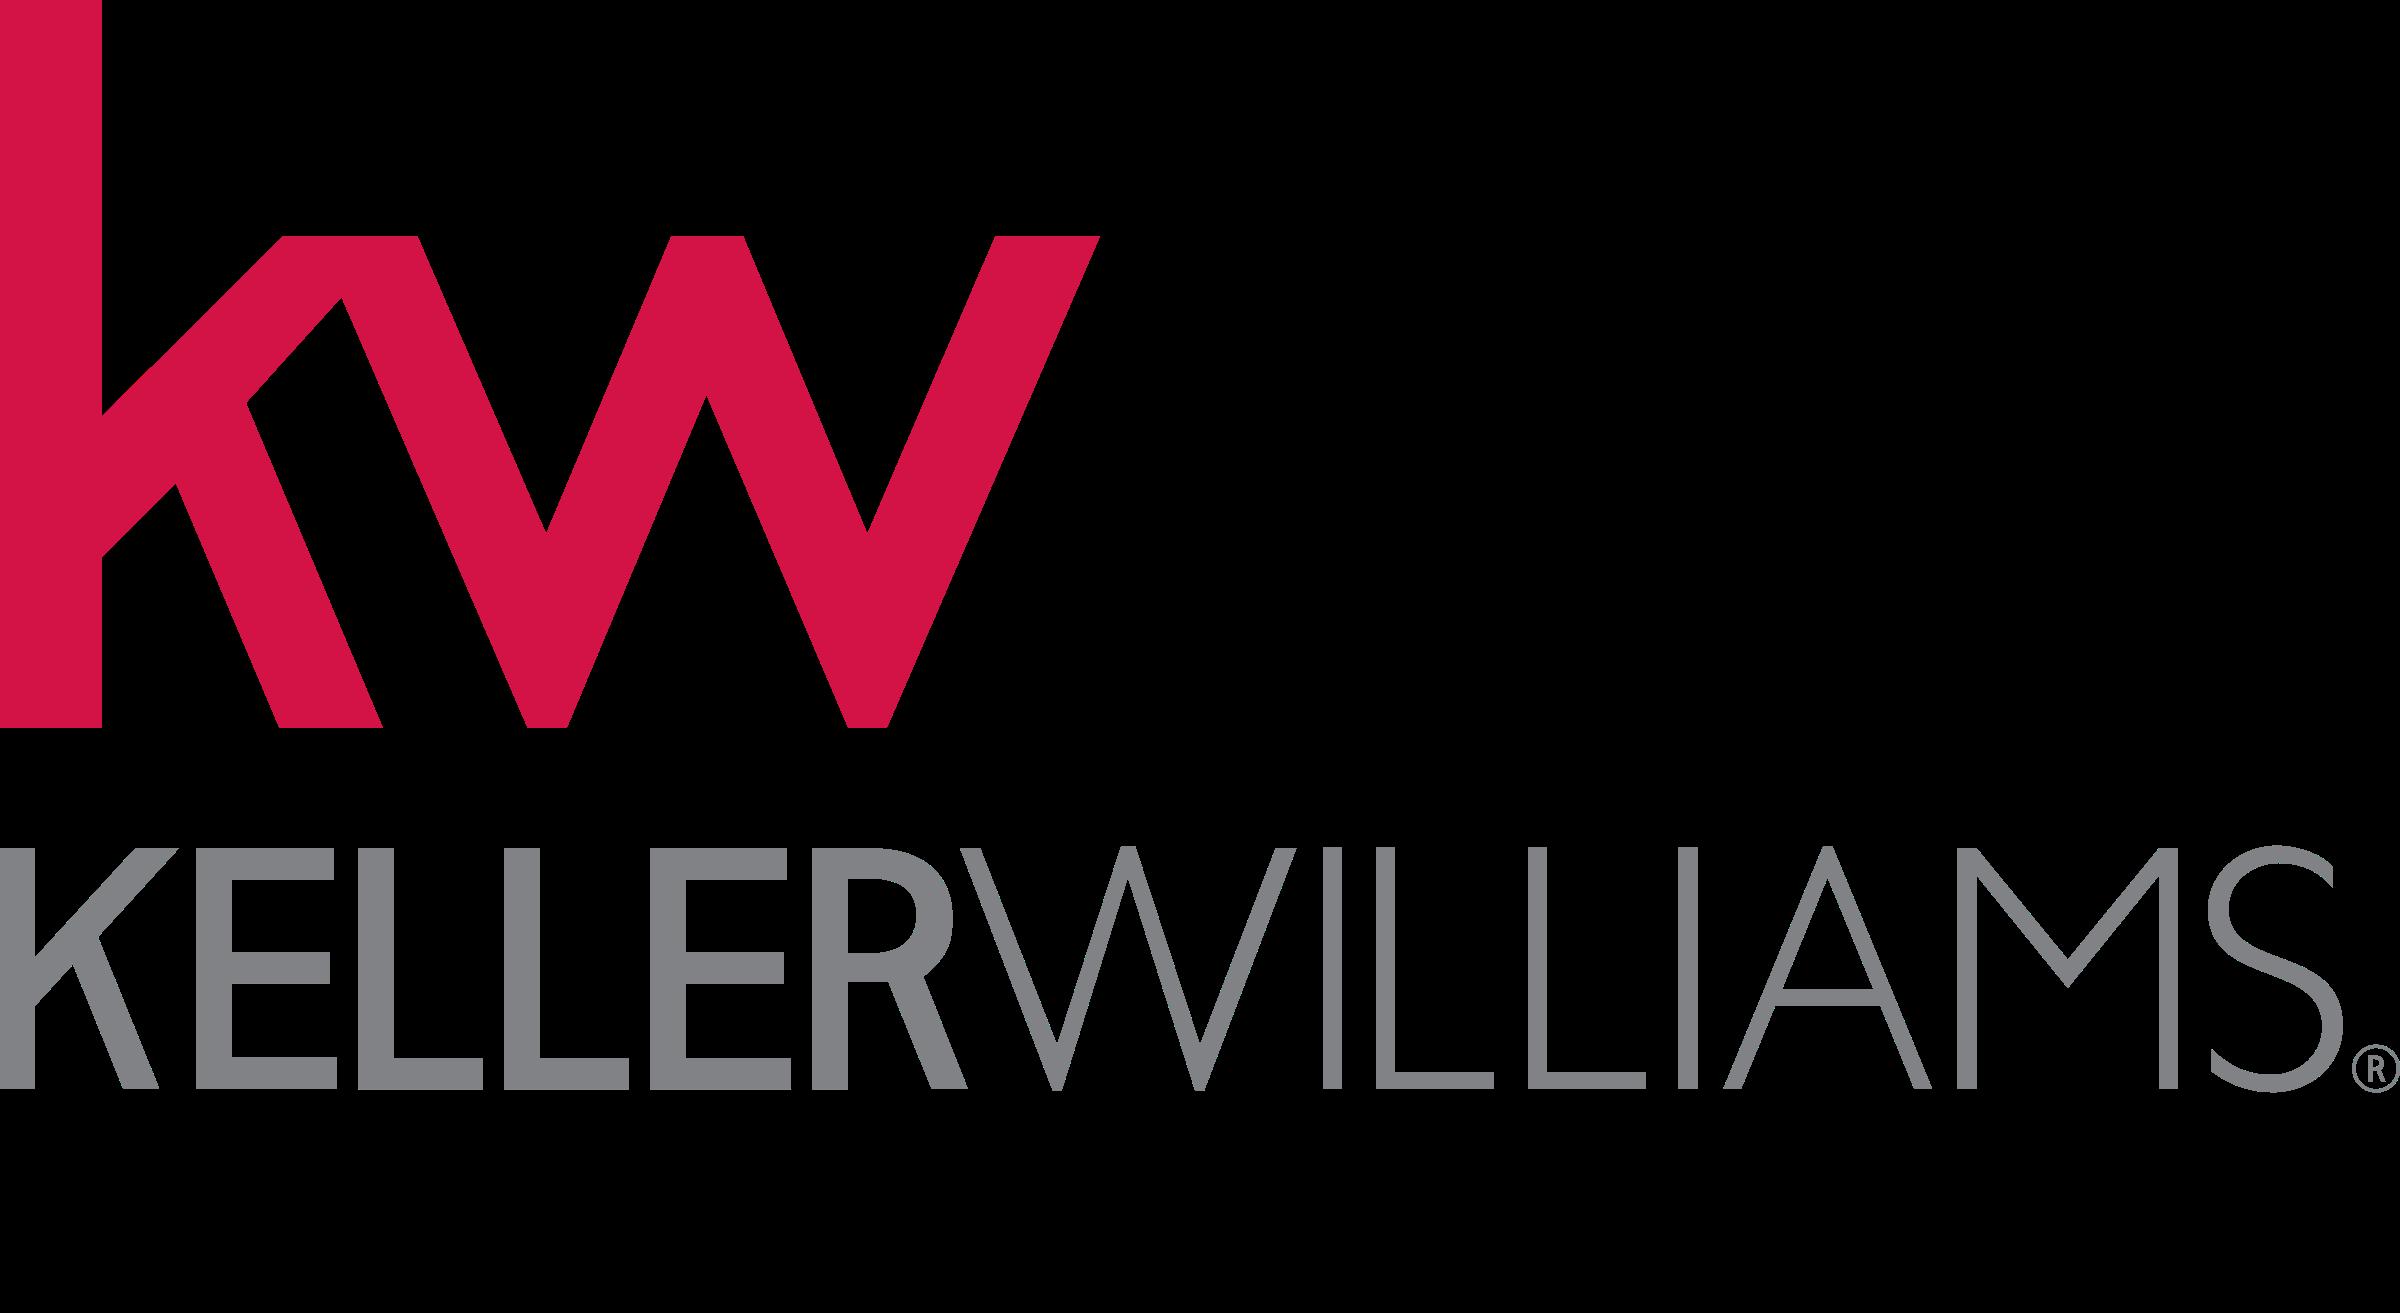 keller williams logo png transparent amp svg vector